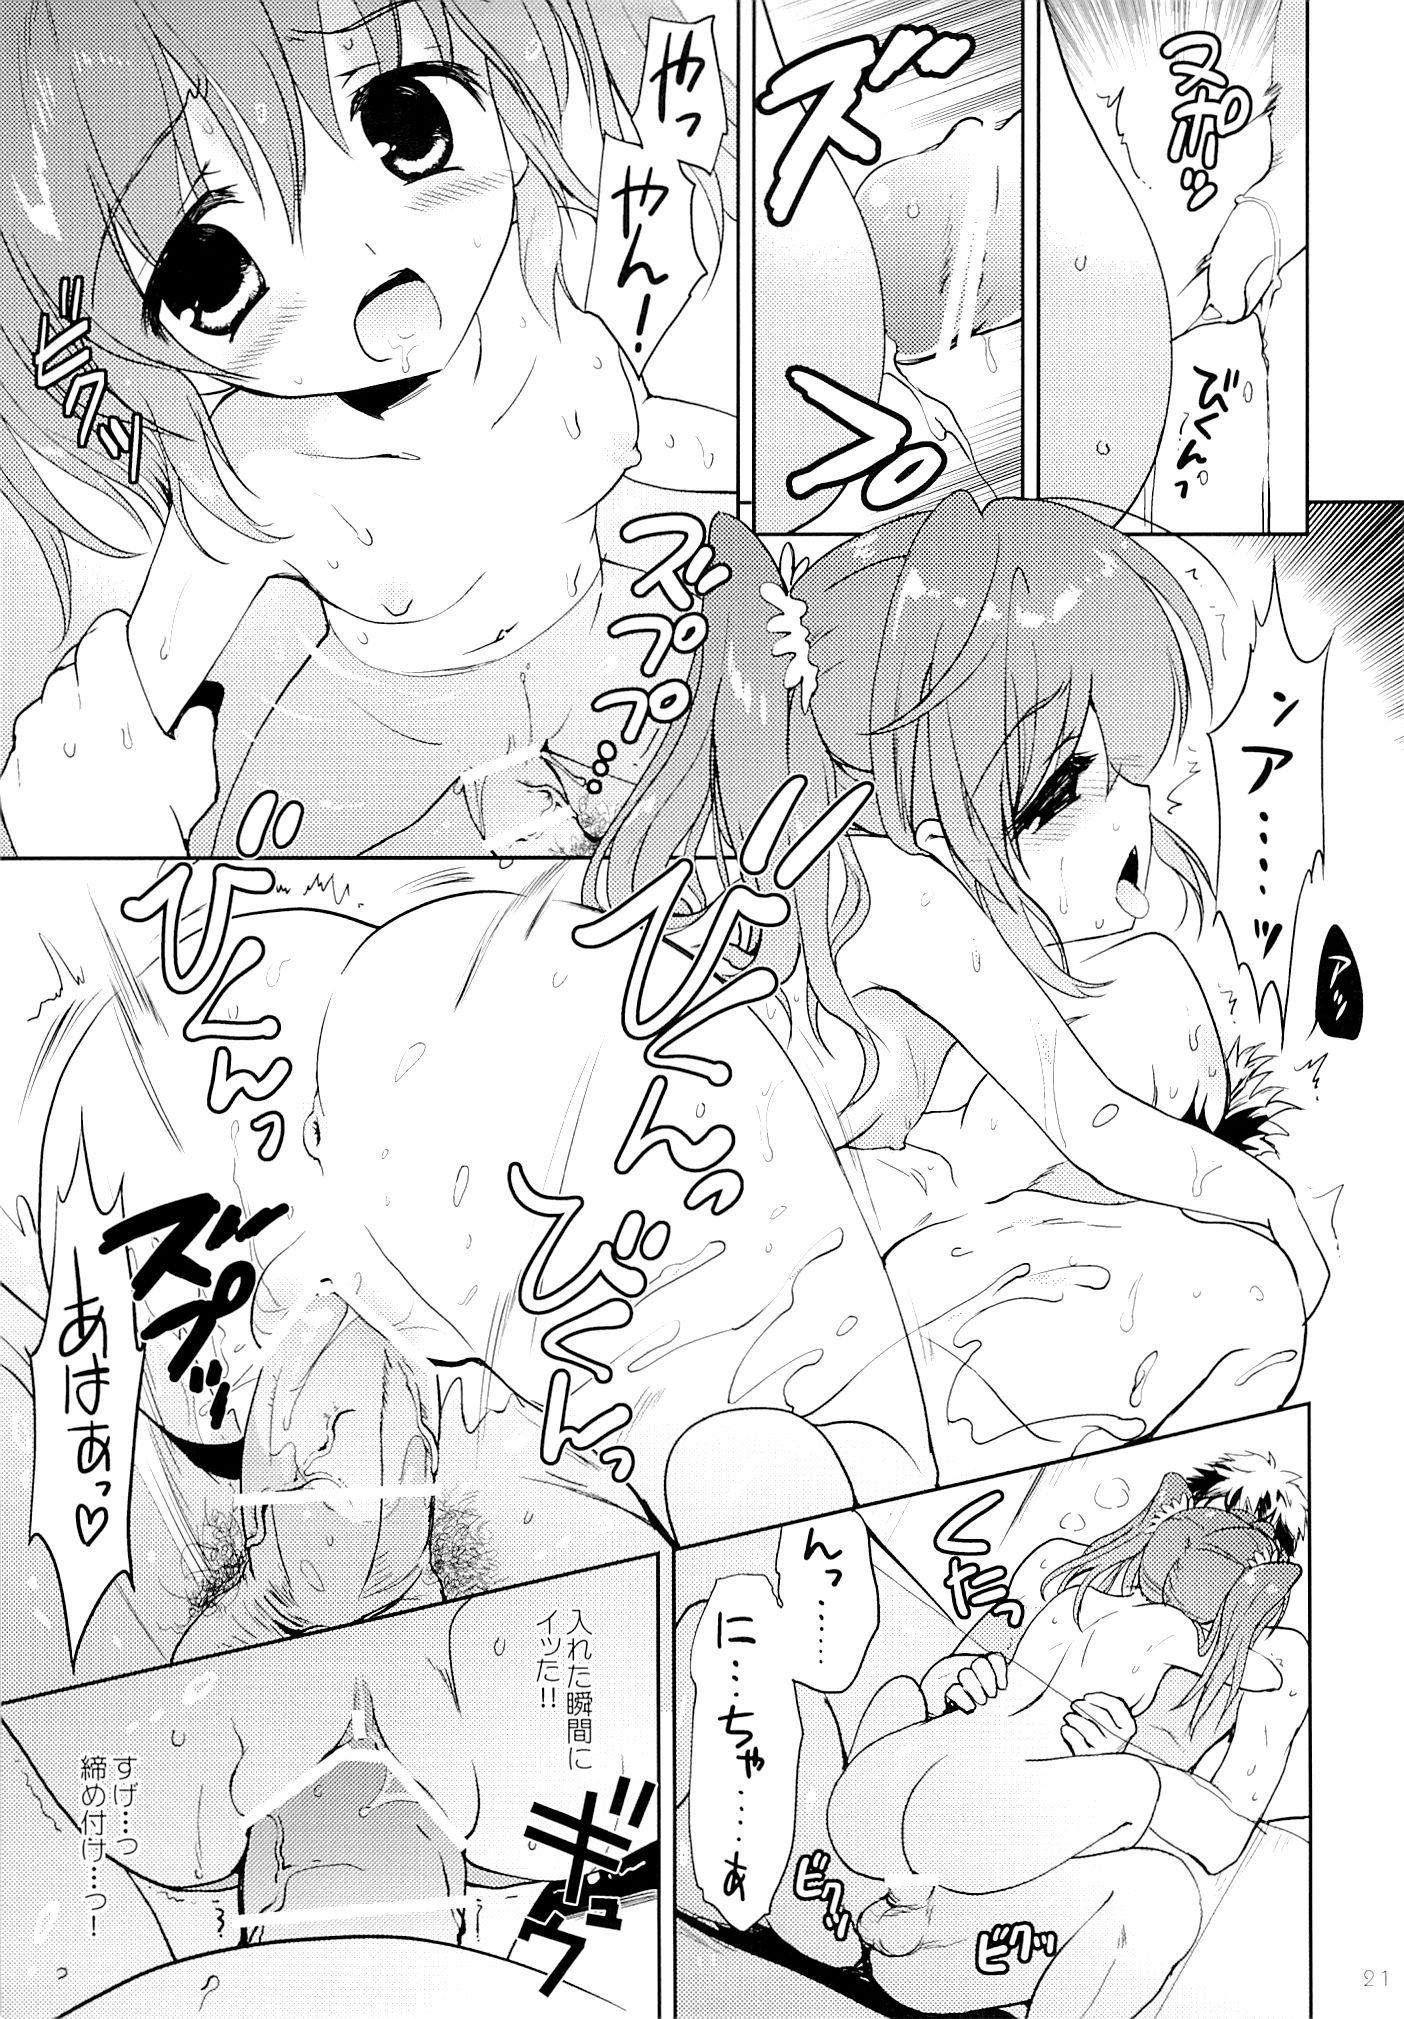 【エロ漫画・エロ同人誌】親戚の家に行ってロリJSのイトコと一緒にお風呂入ったら勃起しちゃったw我慢出来なくなって中出しセックスしちゃってアナルまでしちゃったよねwww 夏休みの過ごし方 (20)